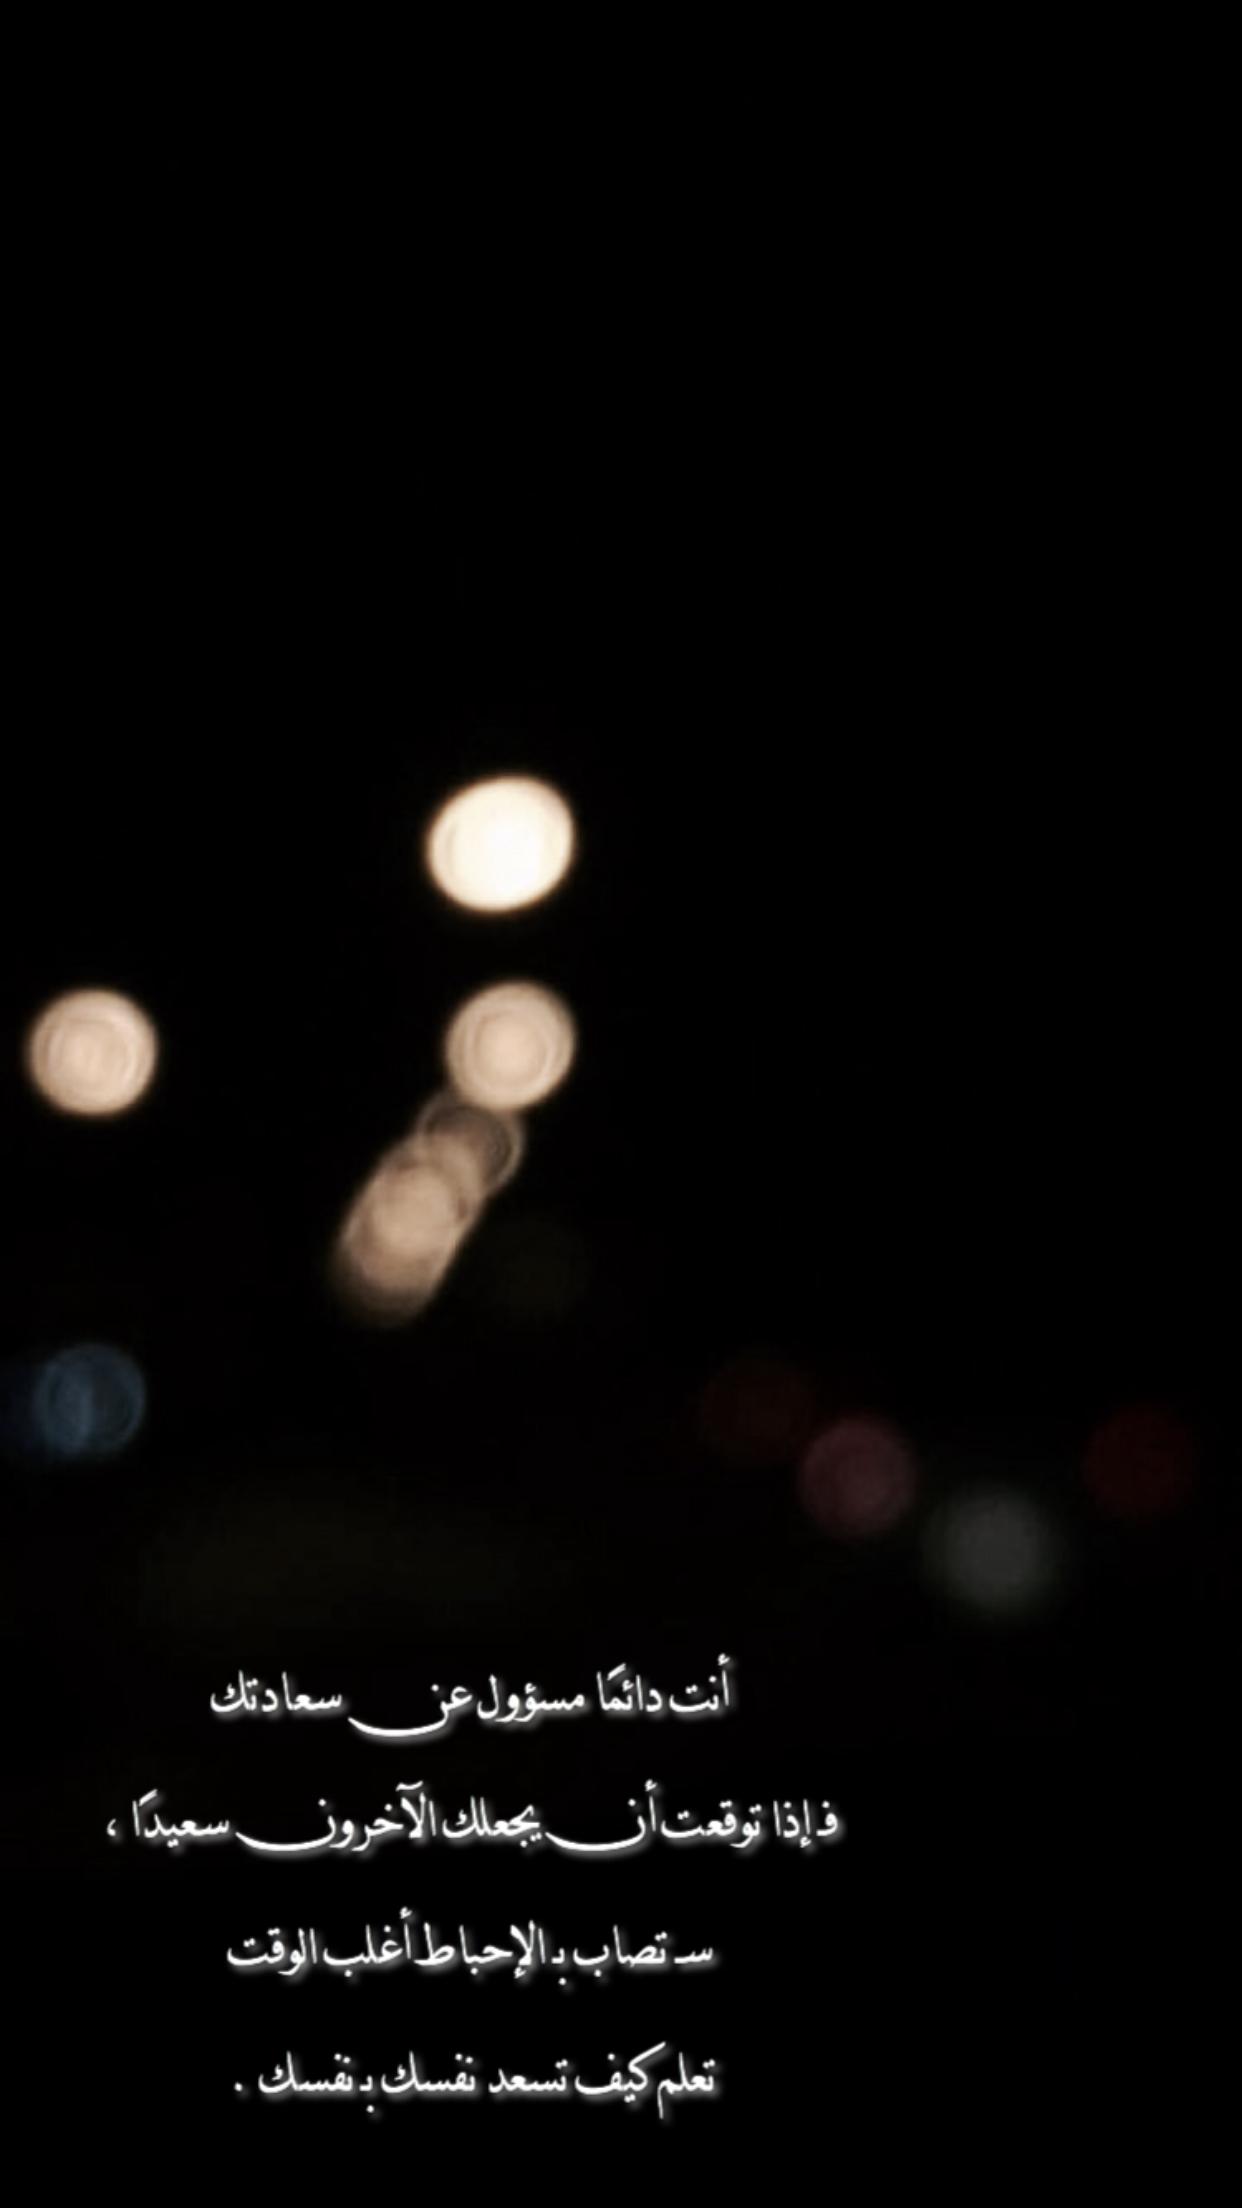 همسة أنت دائم ا مسؤول عن سعادتك فـ إذا توقعت أن يجعلك الآخرون سعيد ا سـ ت تصاب بـ الإحباط أغلب الوقت تعلم كيف ت سعد نفس Arabic Words Arabic Art Qoutes